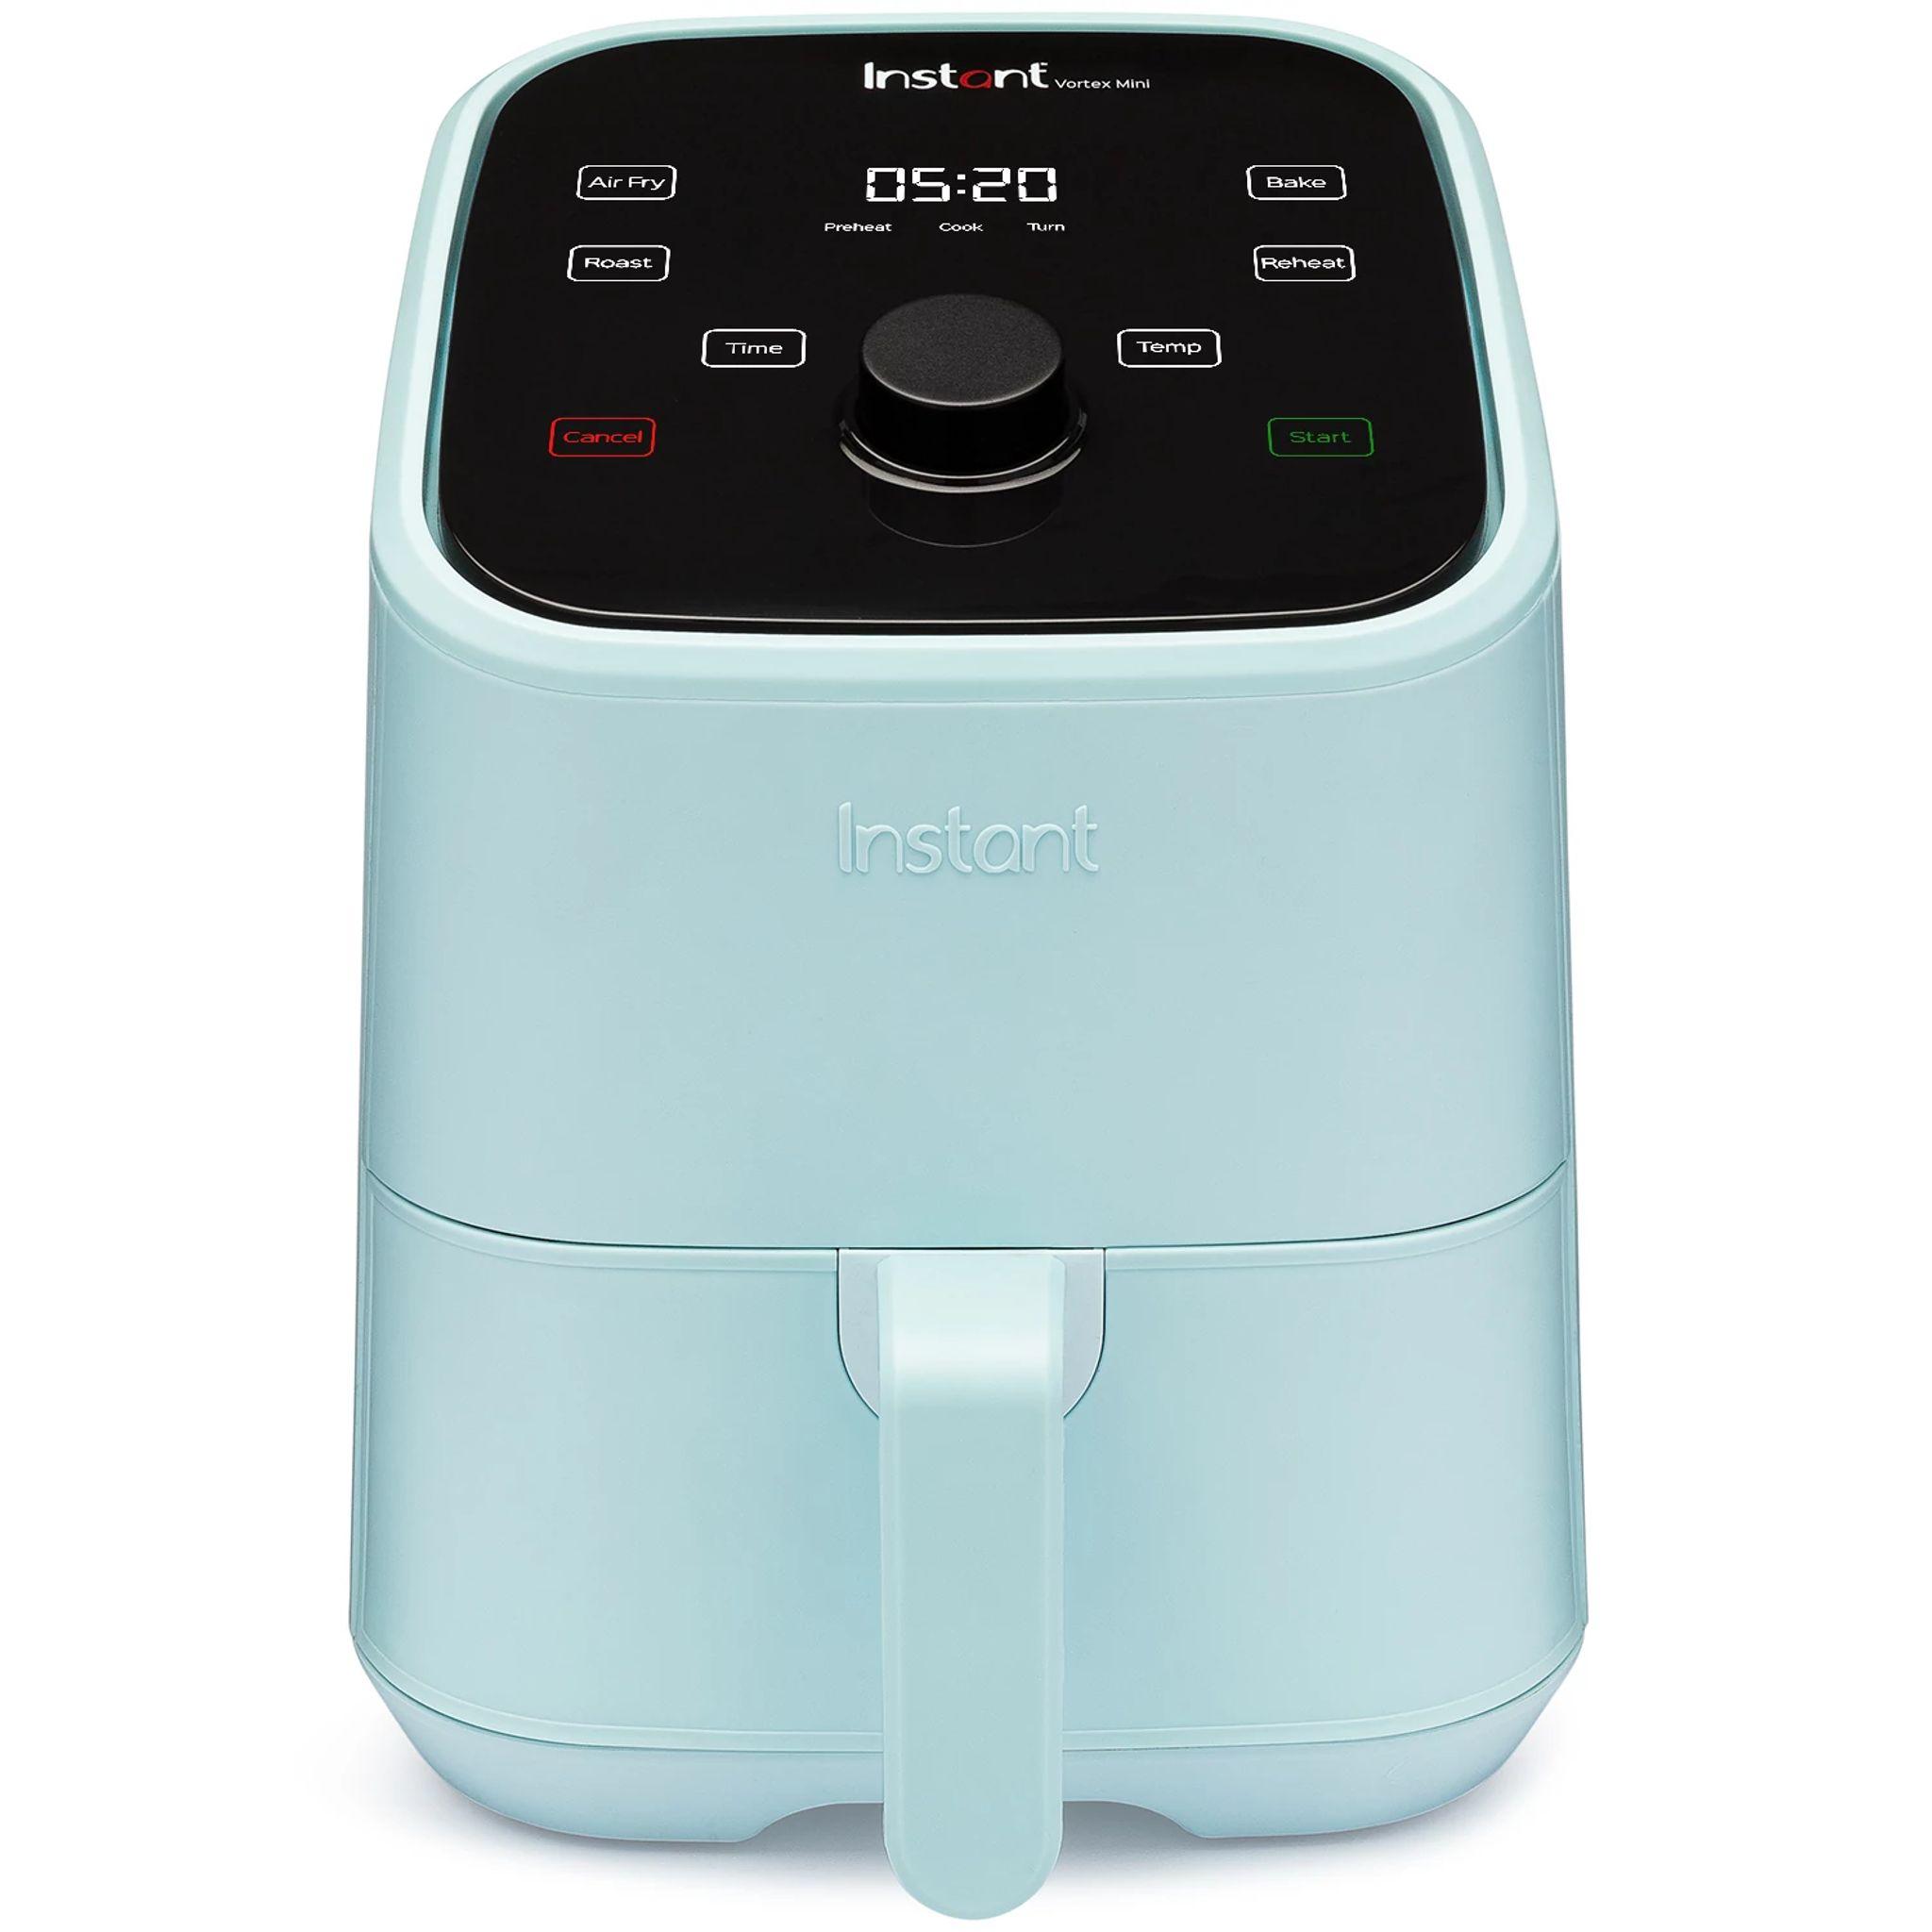 Instant Vortex Mini 2-quart Air Fryer, Aqua